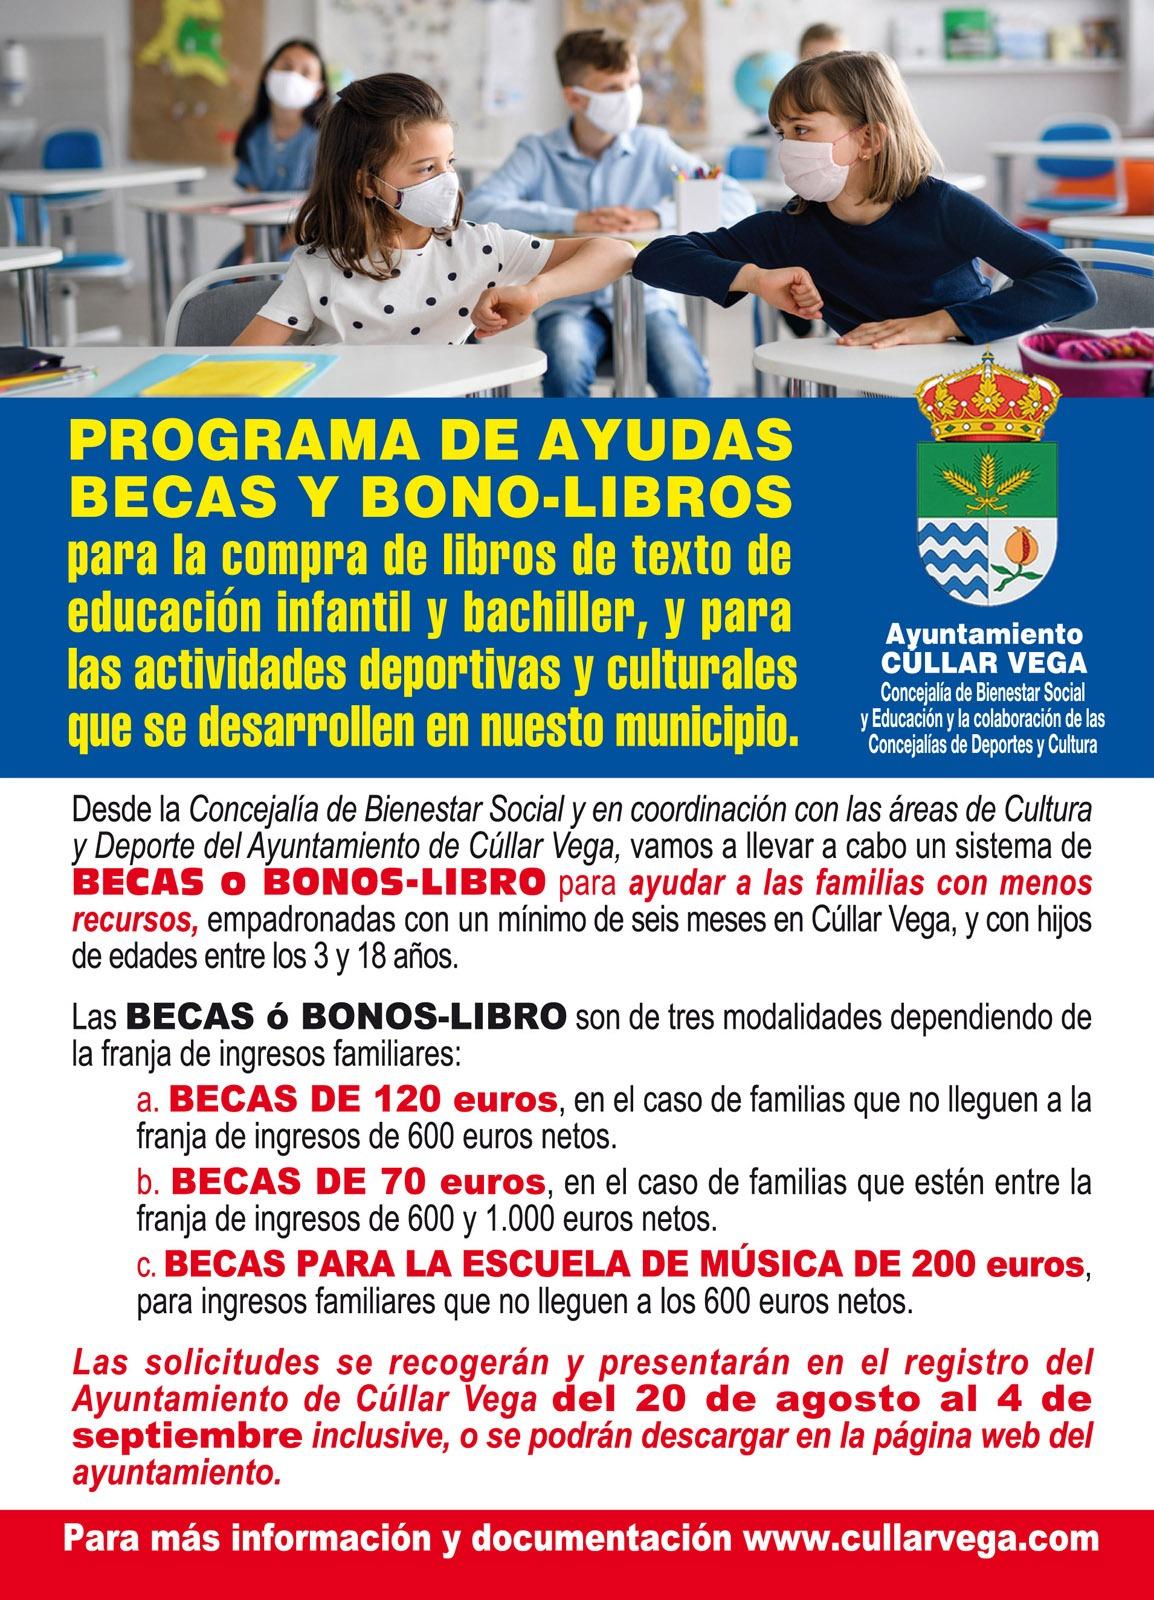 Programa de ayudas becas y bono-libros para la compra de libros de texto y actividades deportivas y culturales